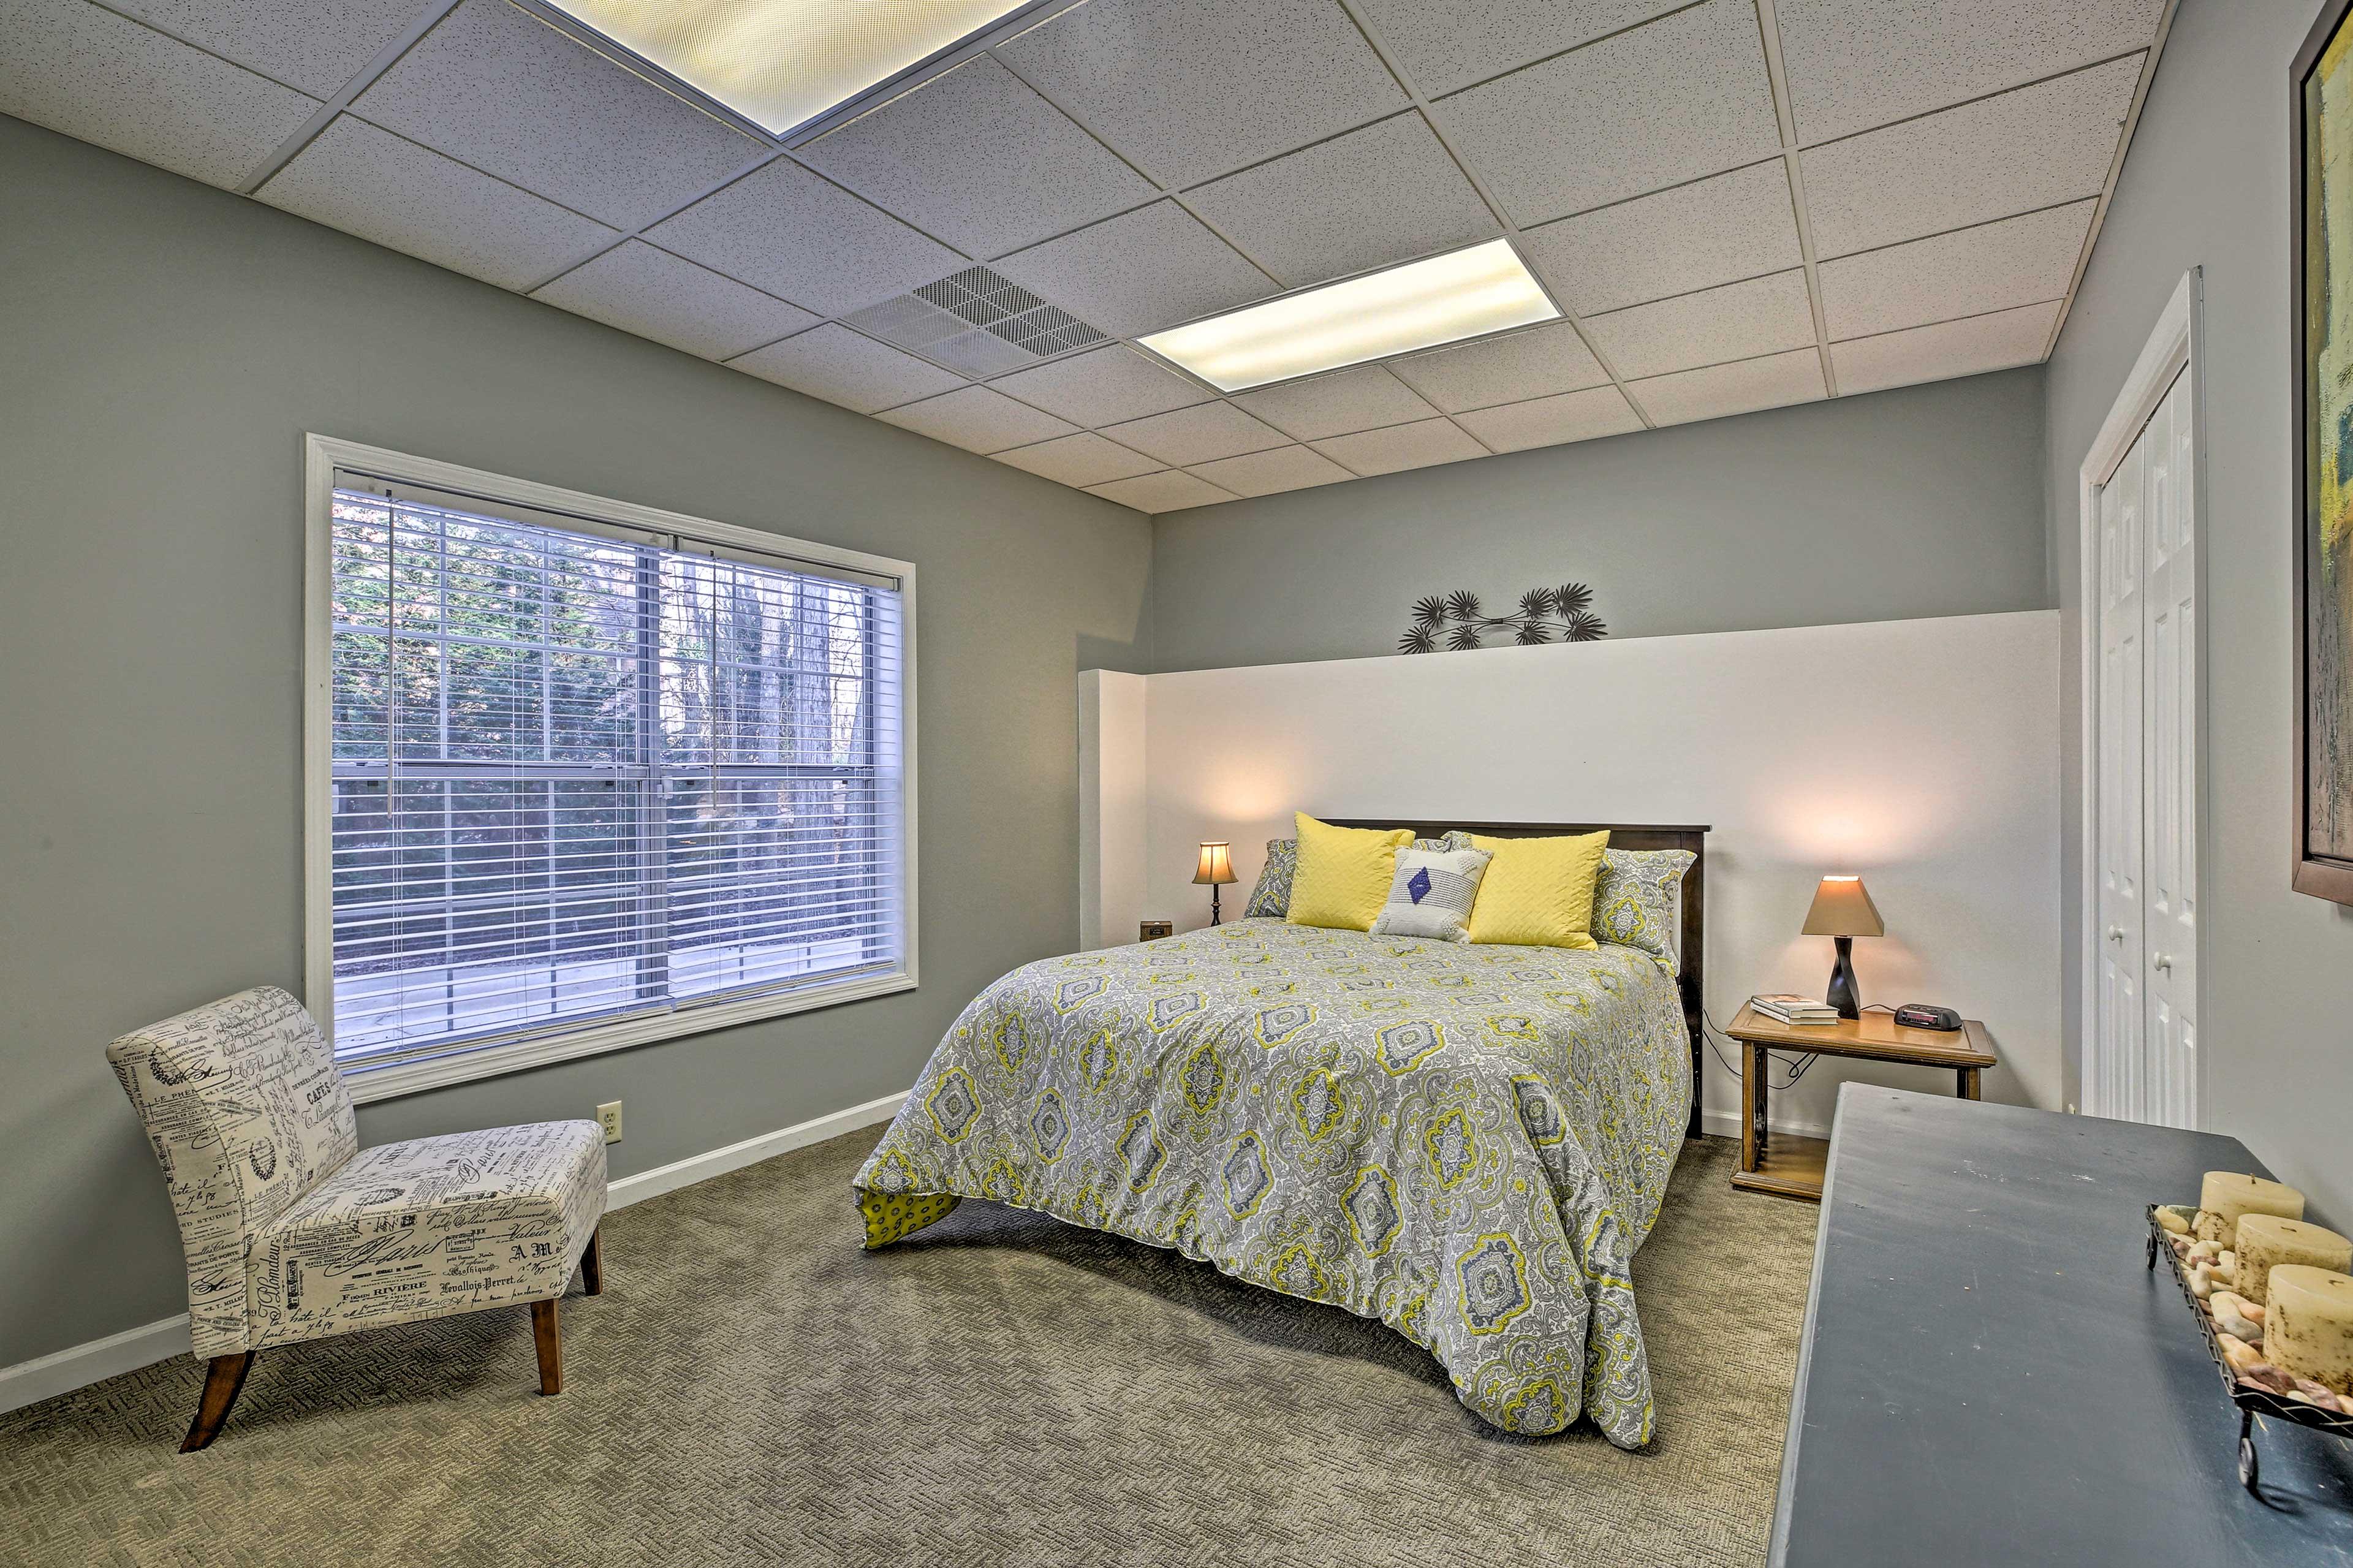 This bedroom now has 2 queen beds in it (pictures coming soon).